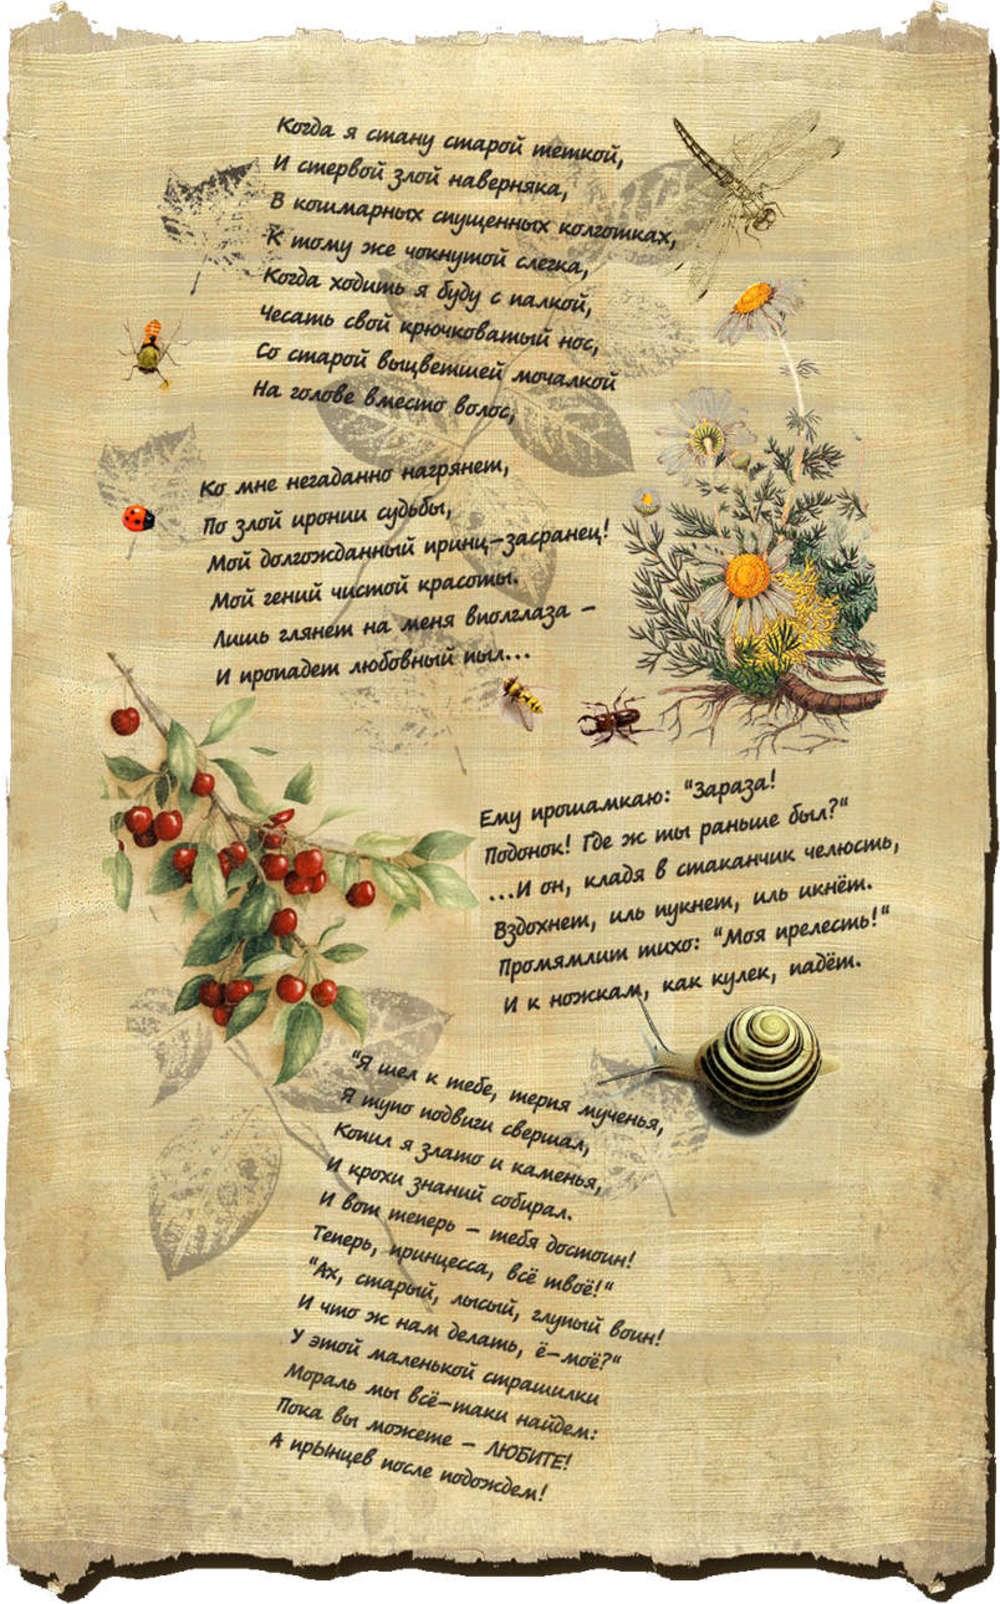 поздравления славянские на свадьбу нежели выше